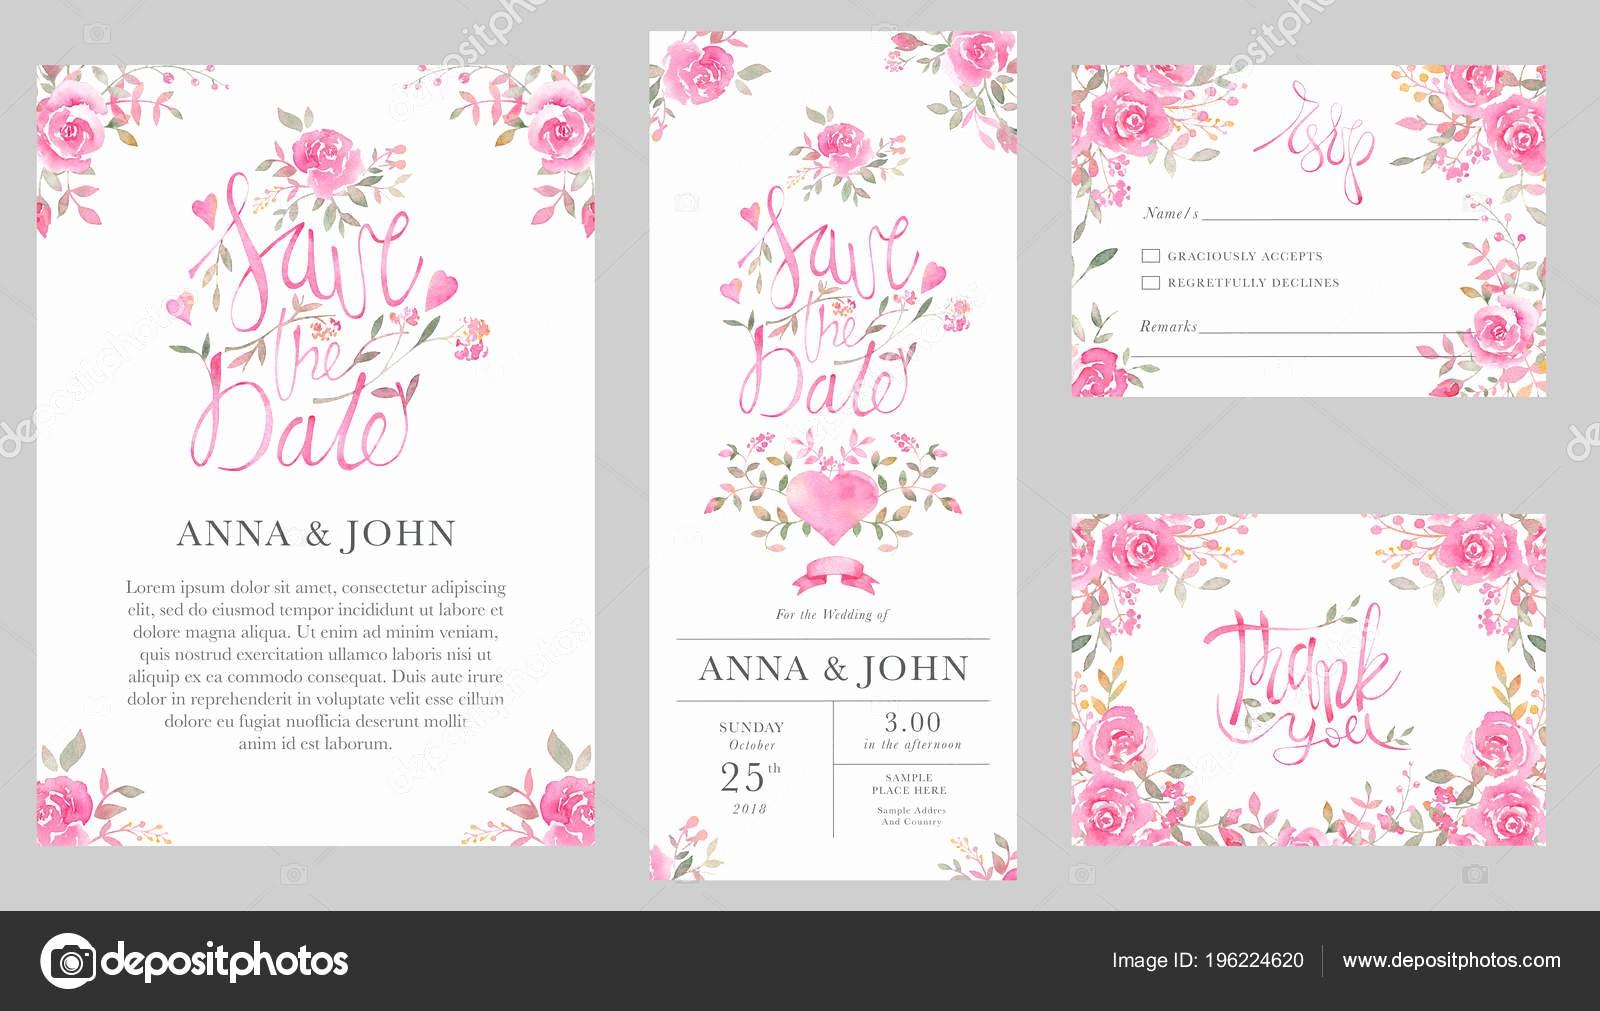 Modelos De Tarjetas De Invitacion Inspirational Fotos Diseño De Tarjeta De Invitación